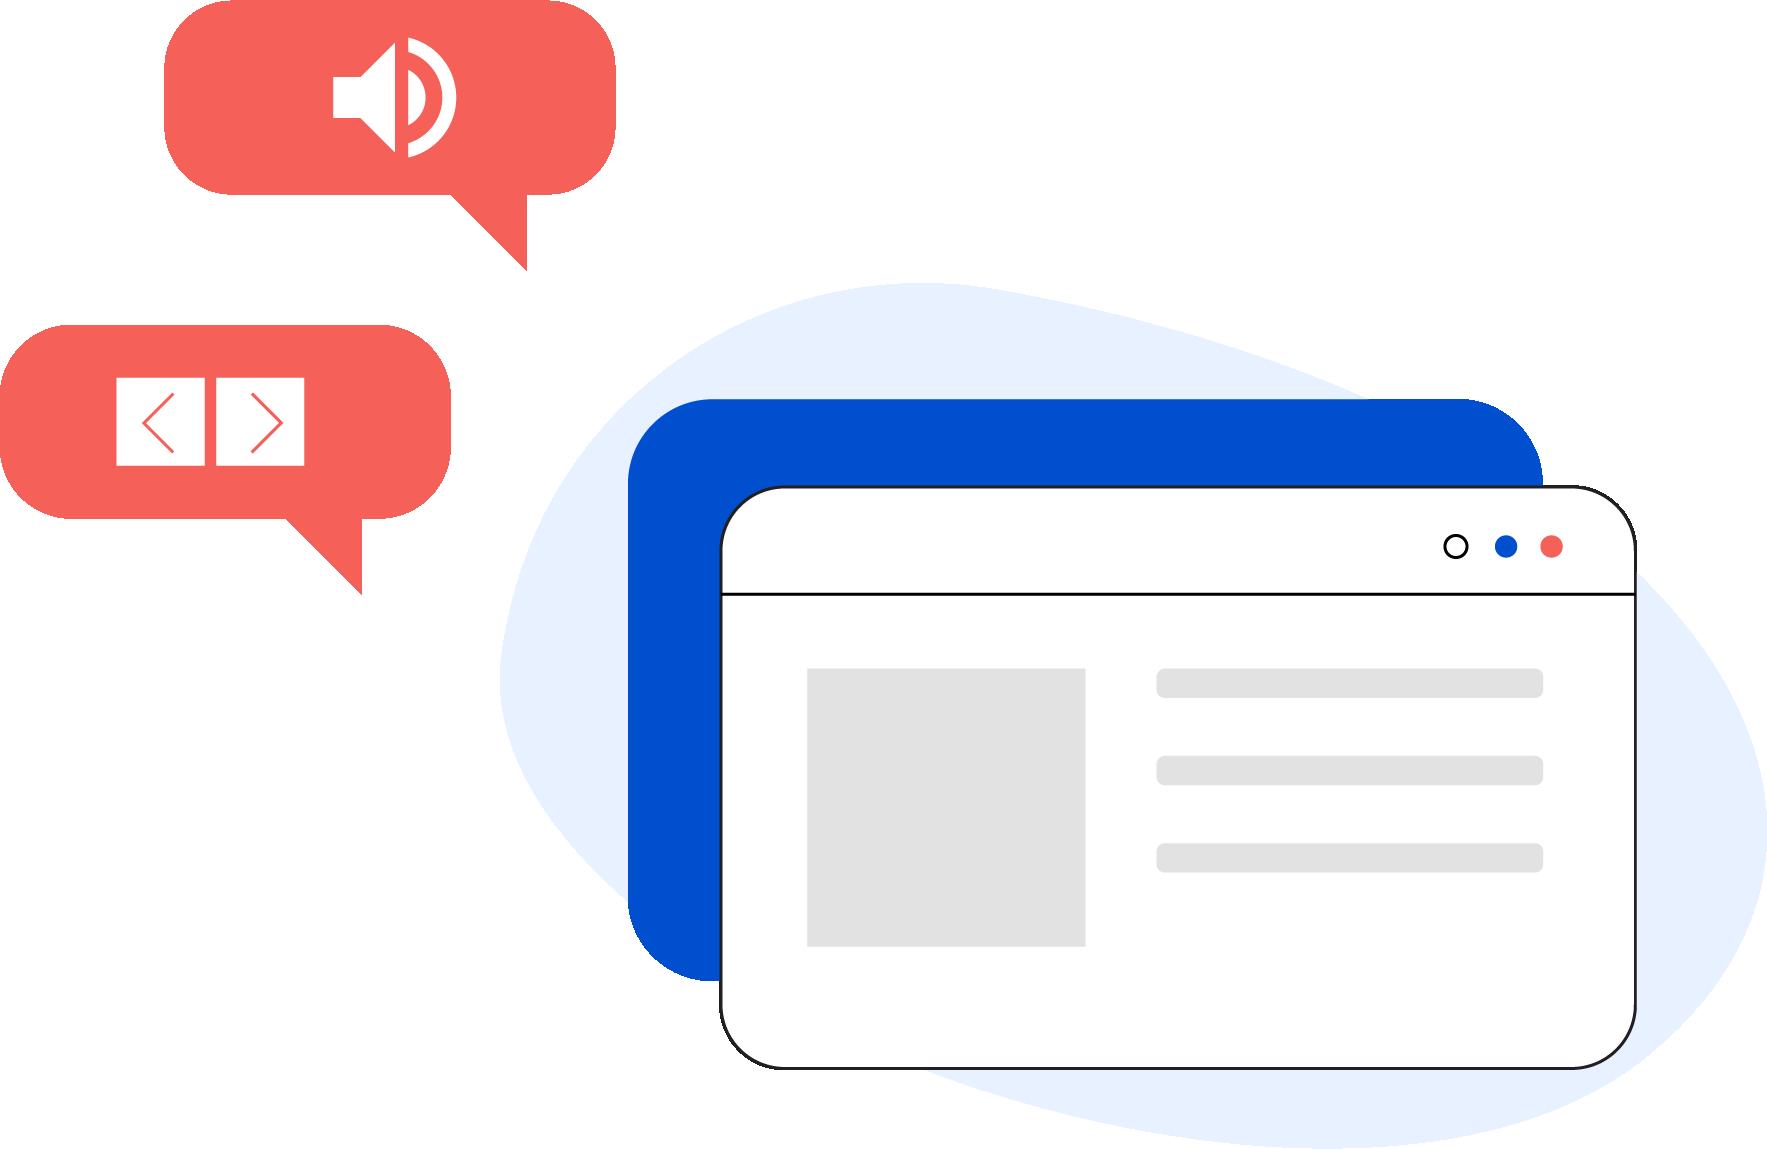 Illustrazione di una pagina web generica con all'esterno due fumetti contenenti l'icona del volume e delle due frecce di navigazione